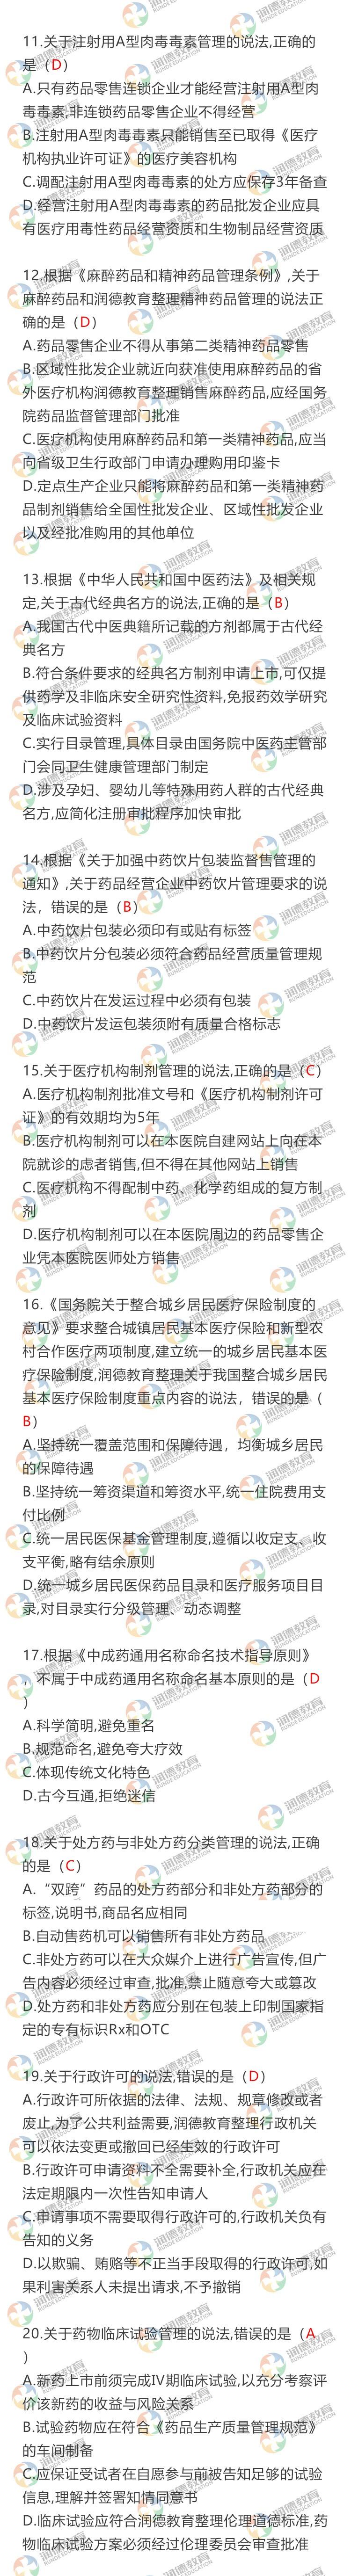 法规11-20.jpg